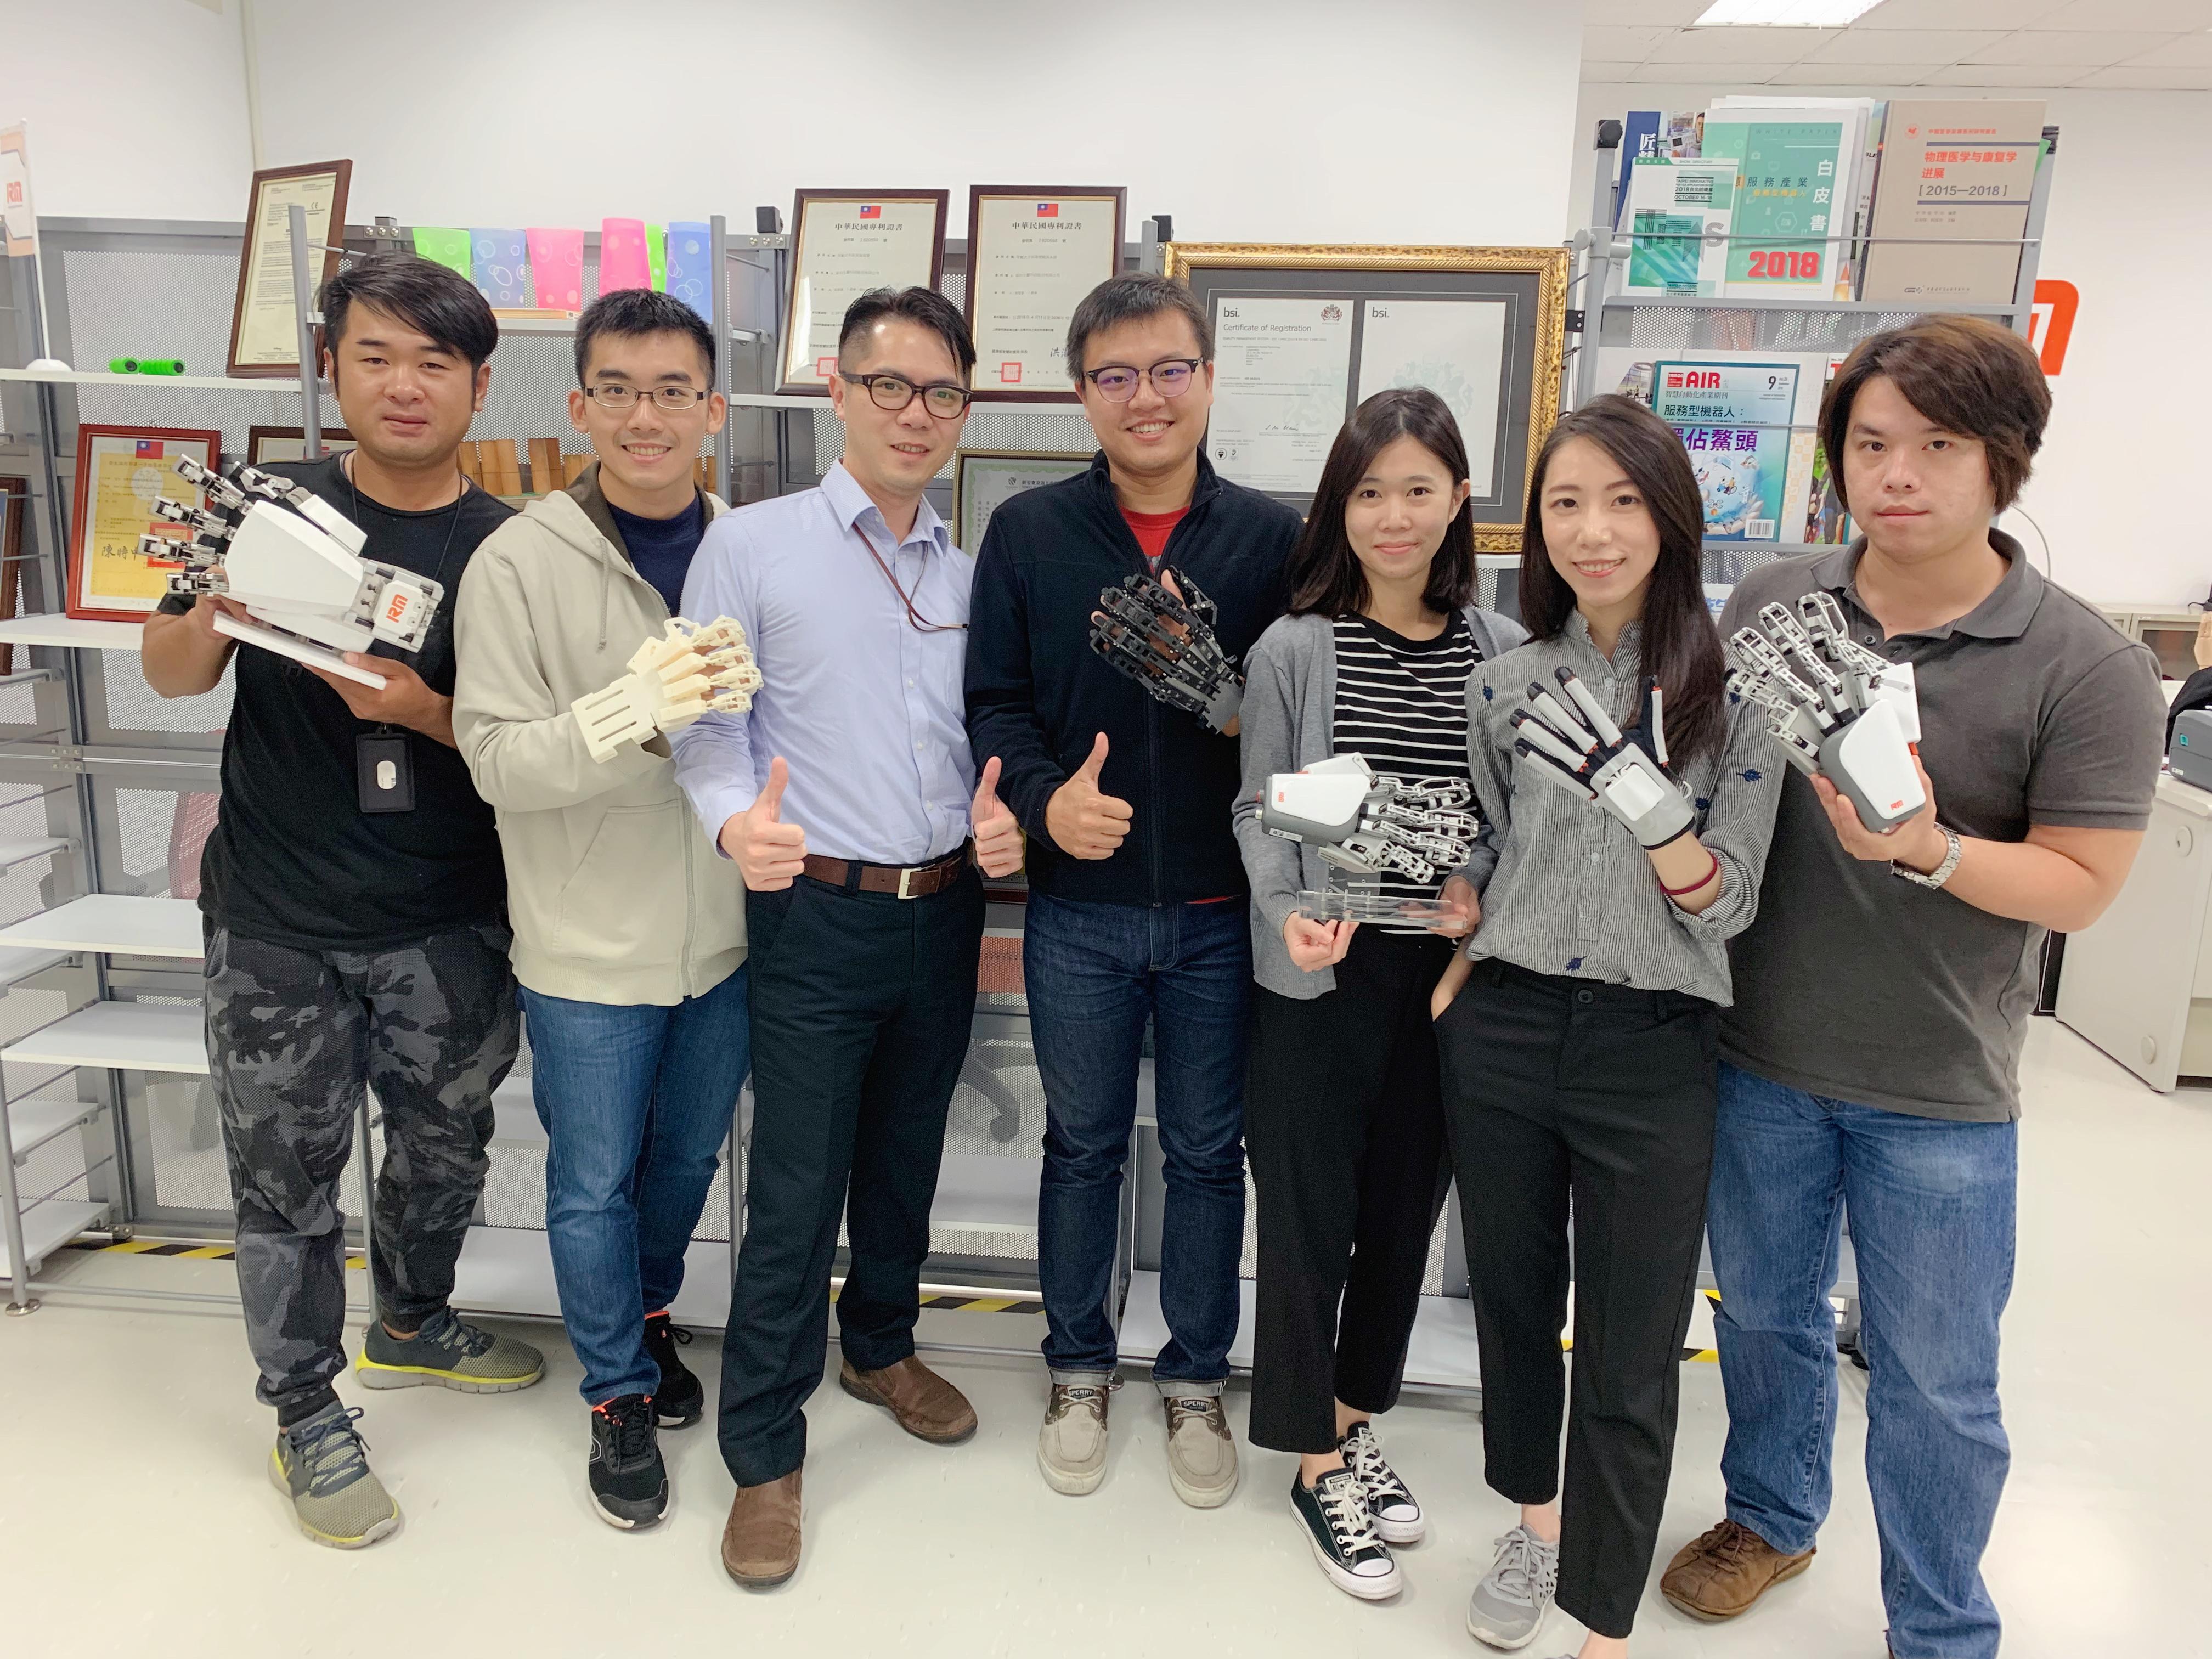 團隊照,手中產品是依序研發歷程(由左至右)